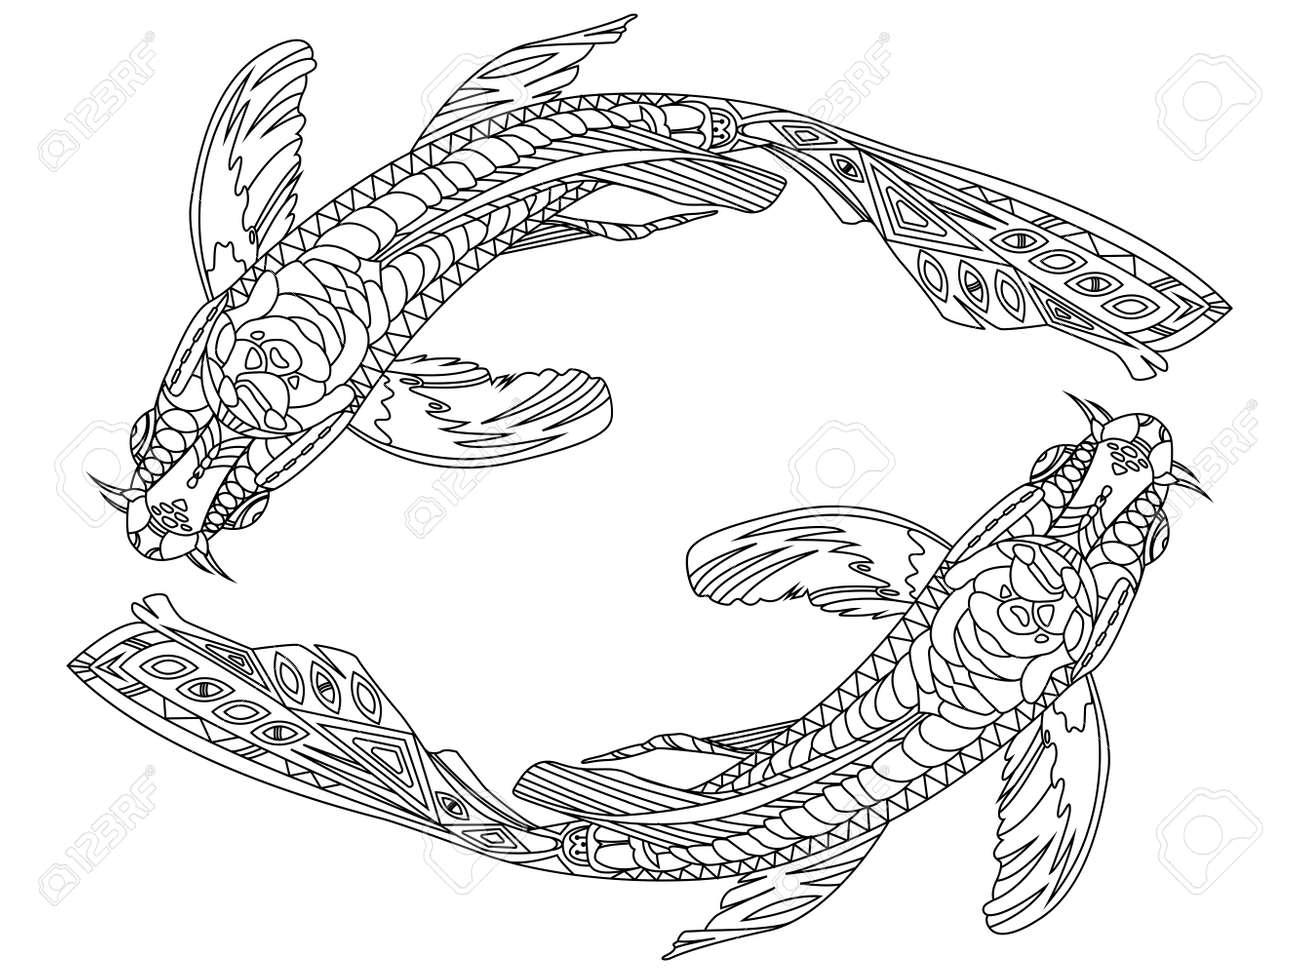 Koi Libro Para Colorear Peces Carpa Para La Ilustración Vectorial